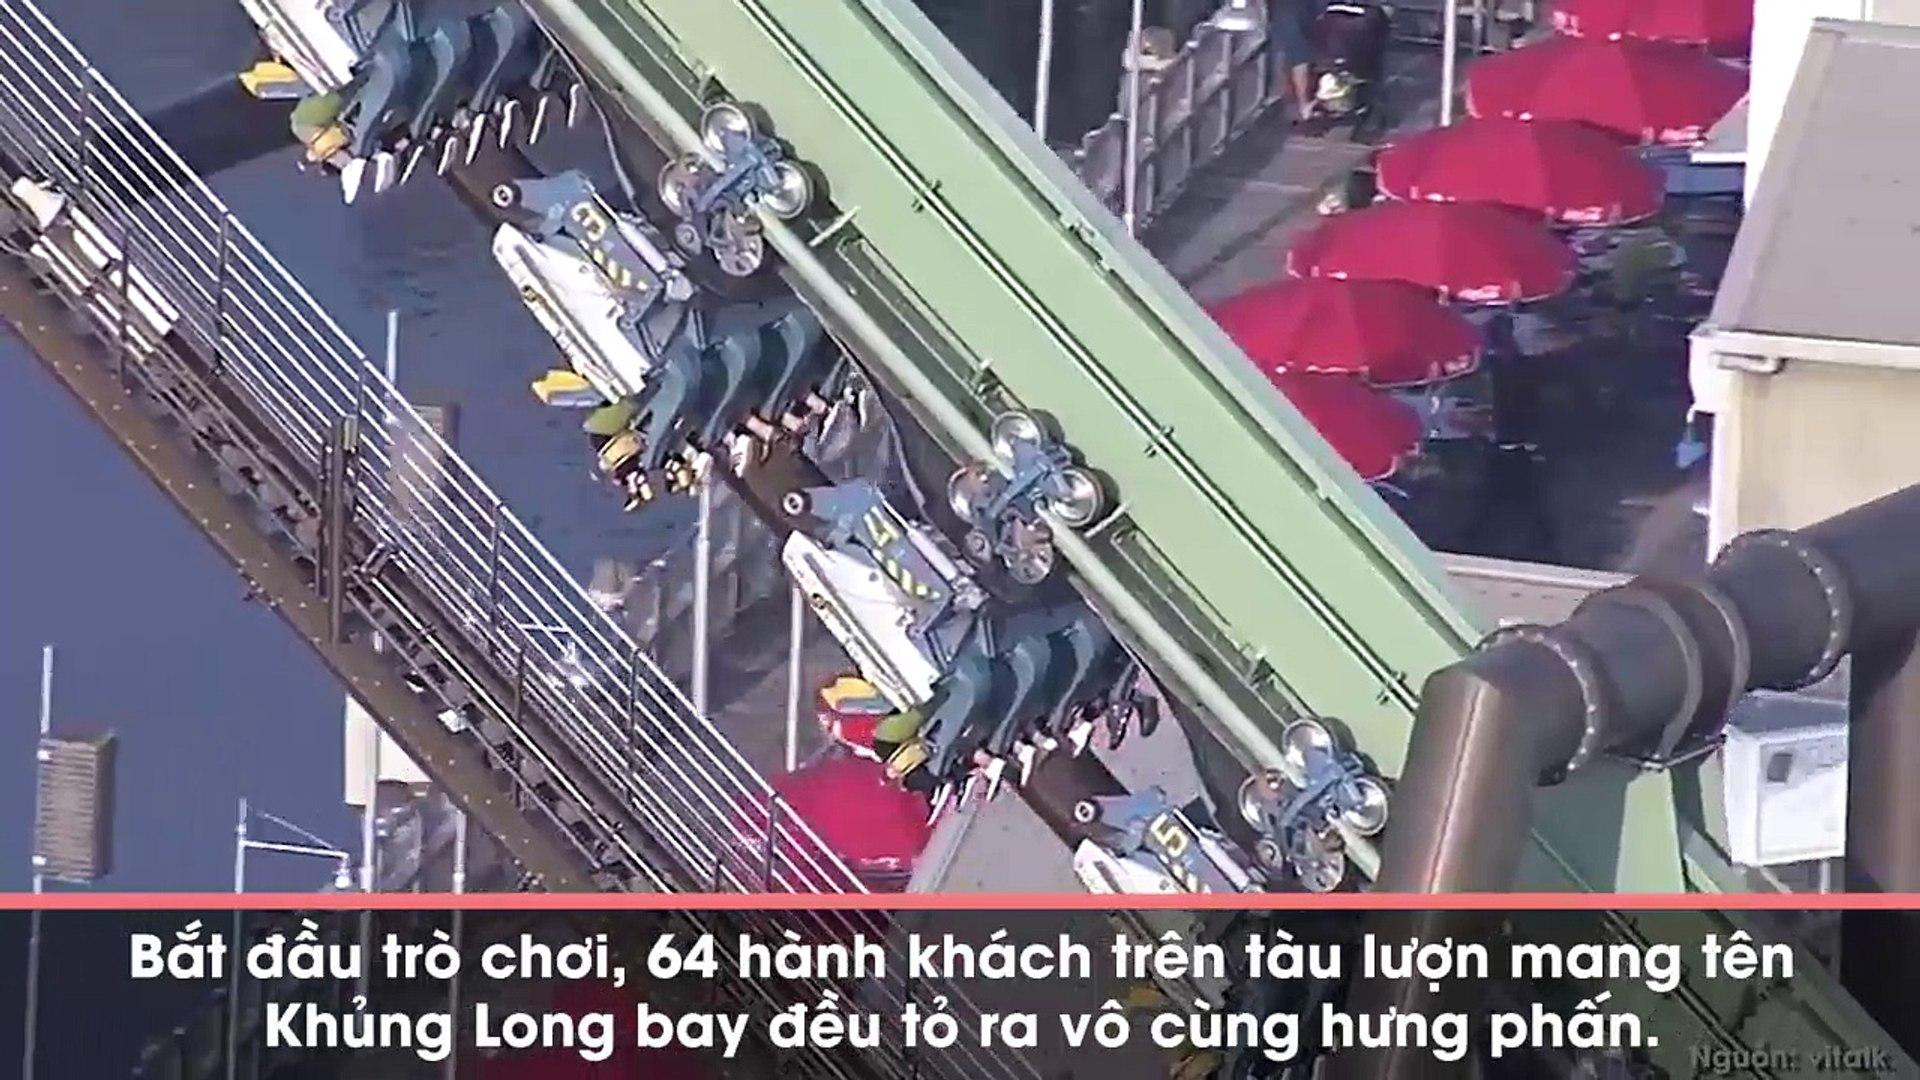 Rùng mình với cảnh tượng tàu lượn siêu tốc khi bị treo ngược ở độ cao 30m suốt 2 giờ